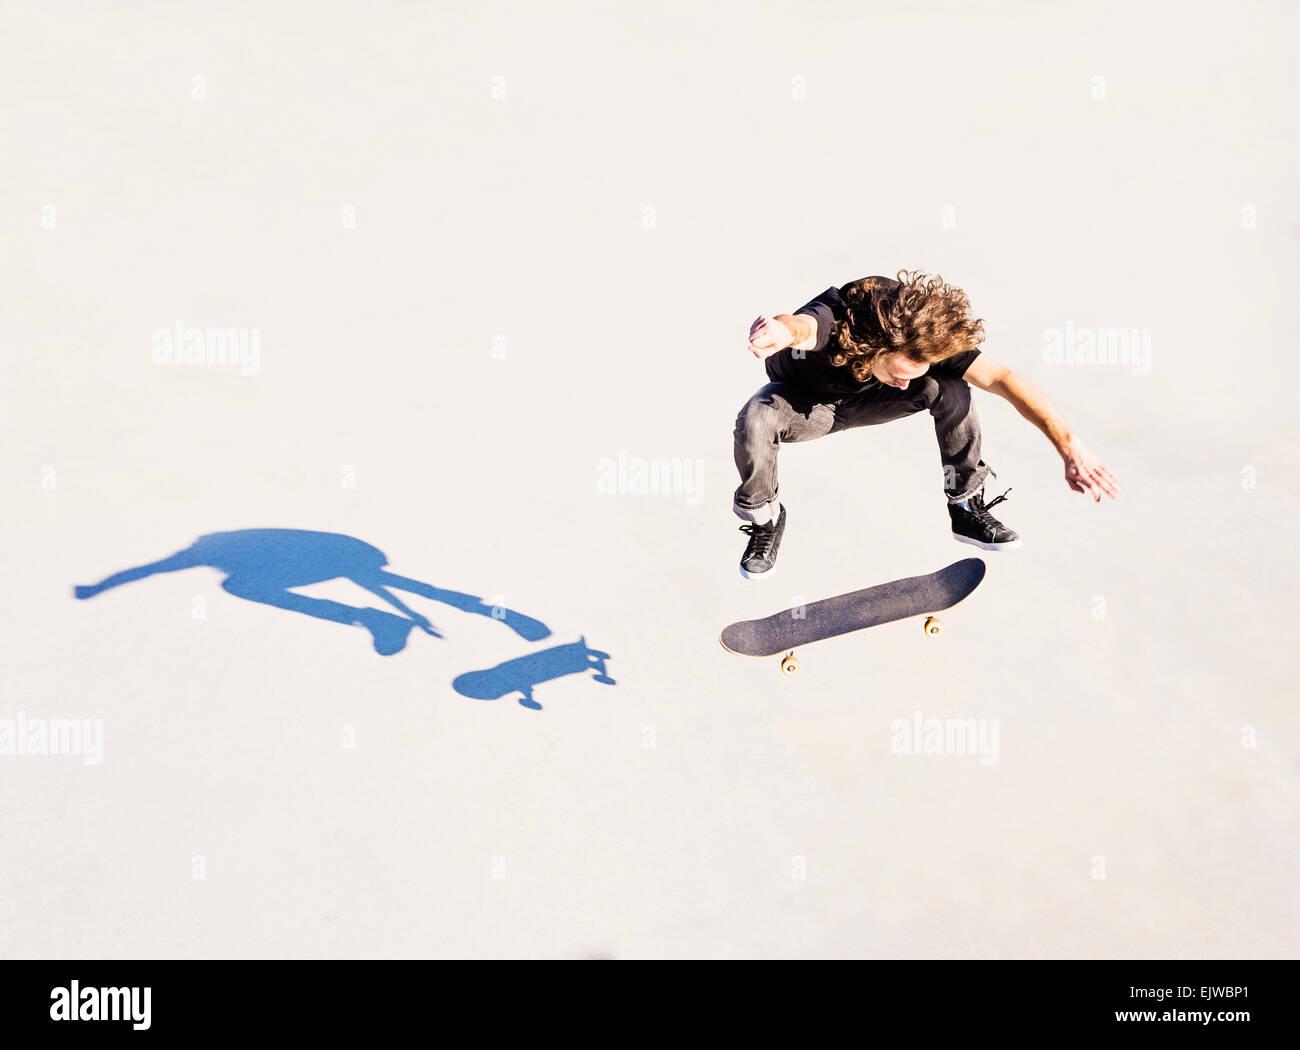 Estados Unidos, la Florida, West Palm Beach, el hombre saltando en monopatín en skatepark Imagen De Stock